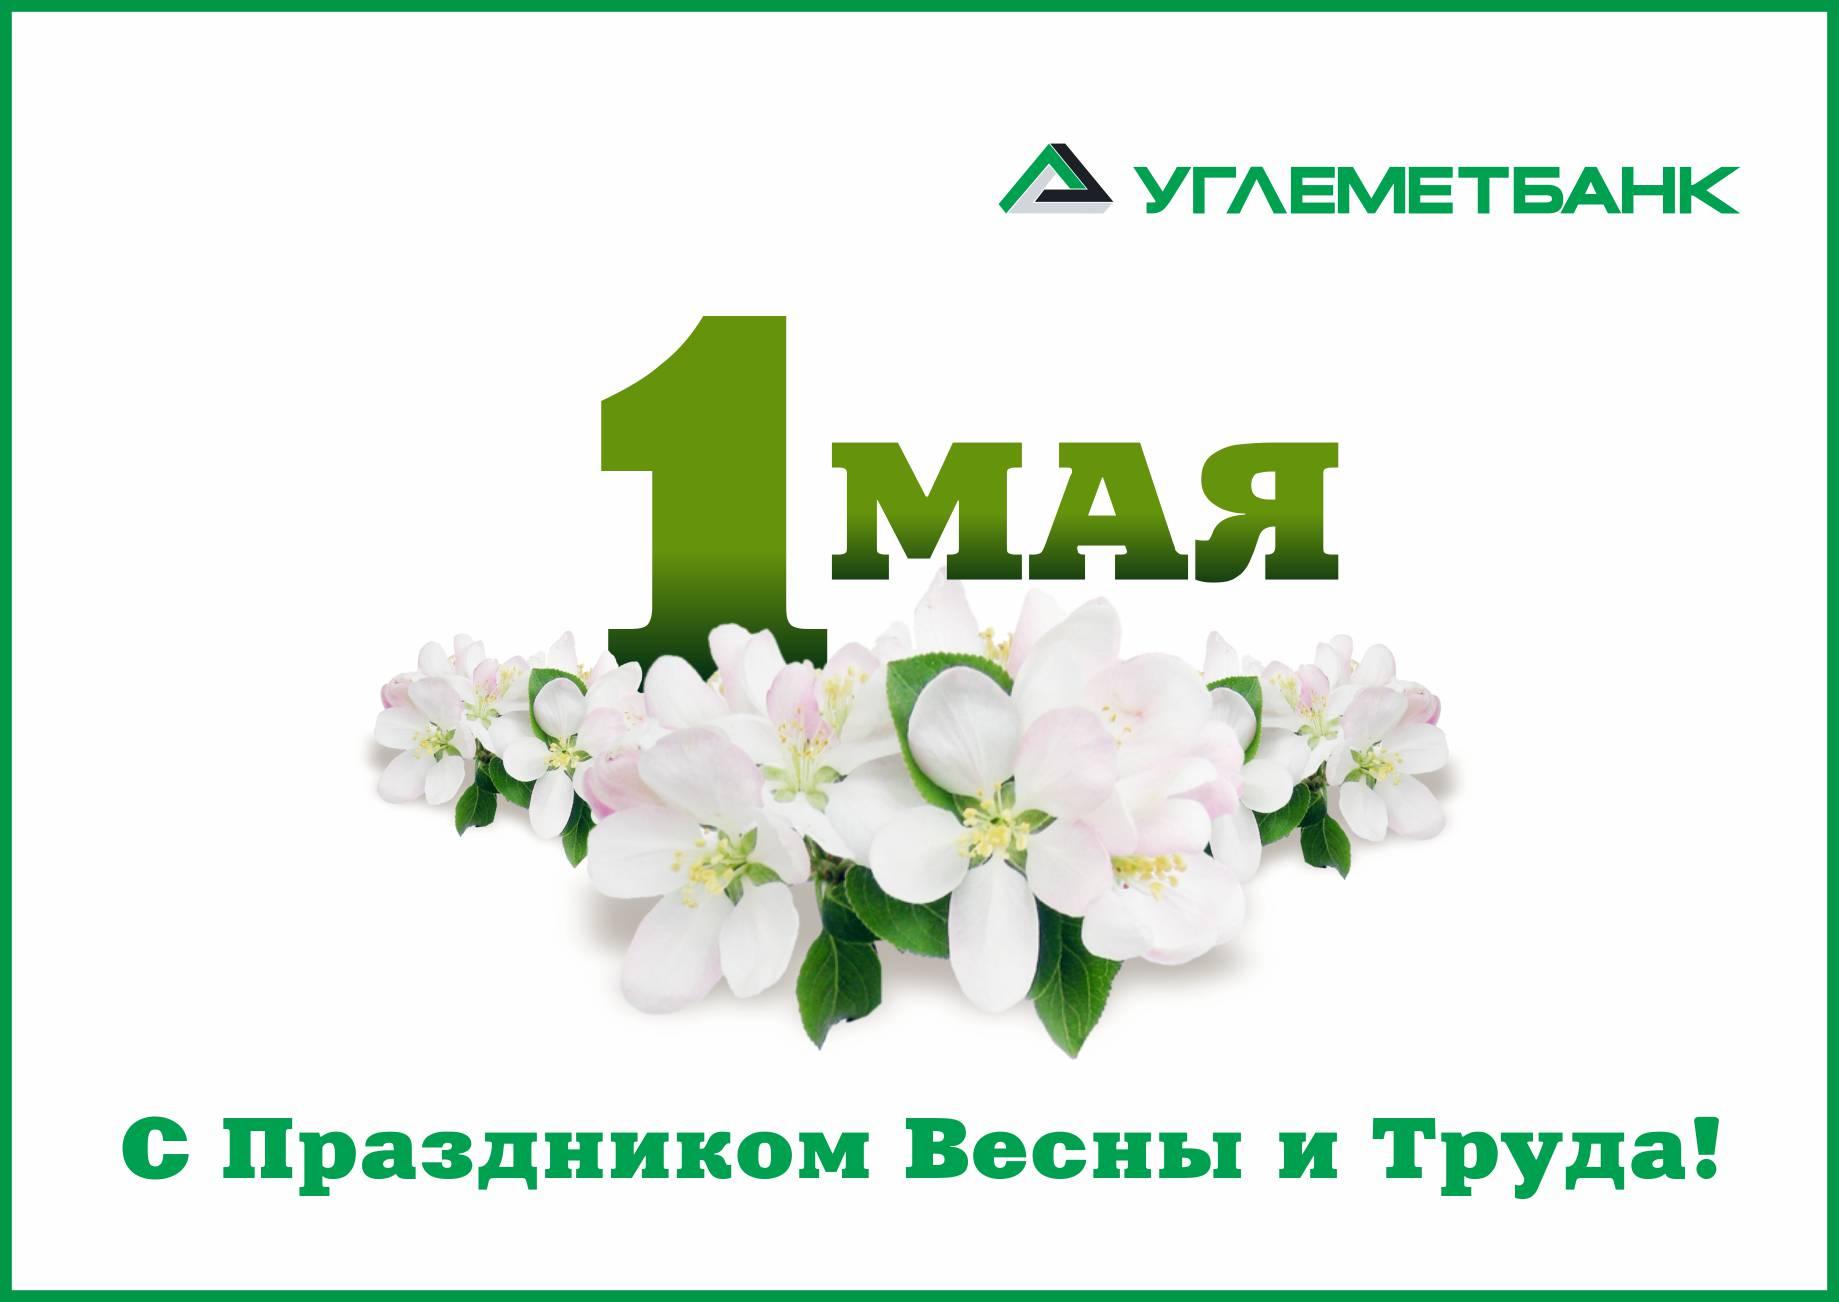 Открытка с днем весны труда и победы